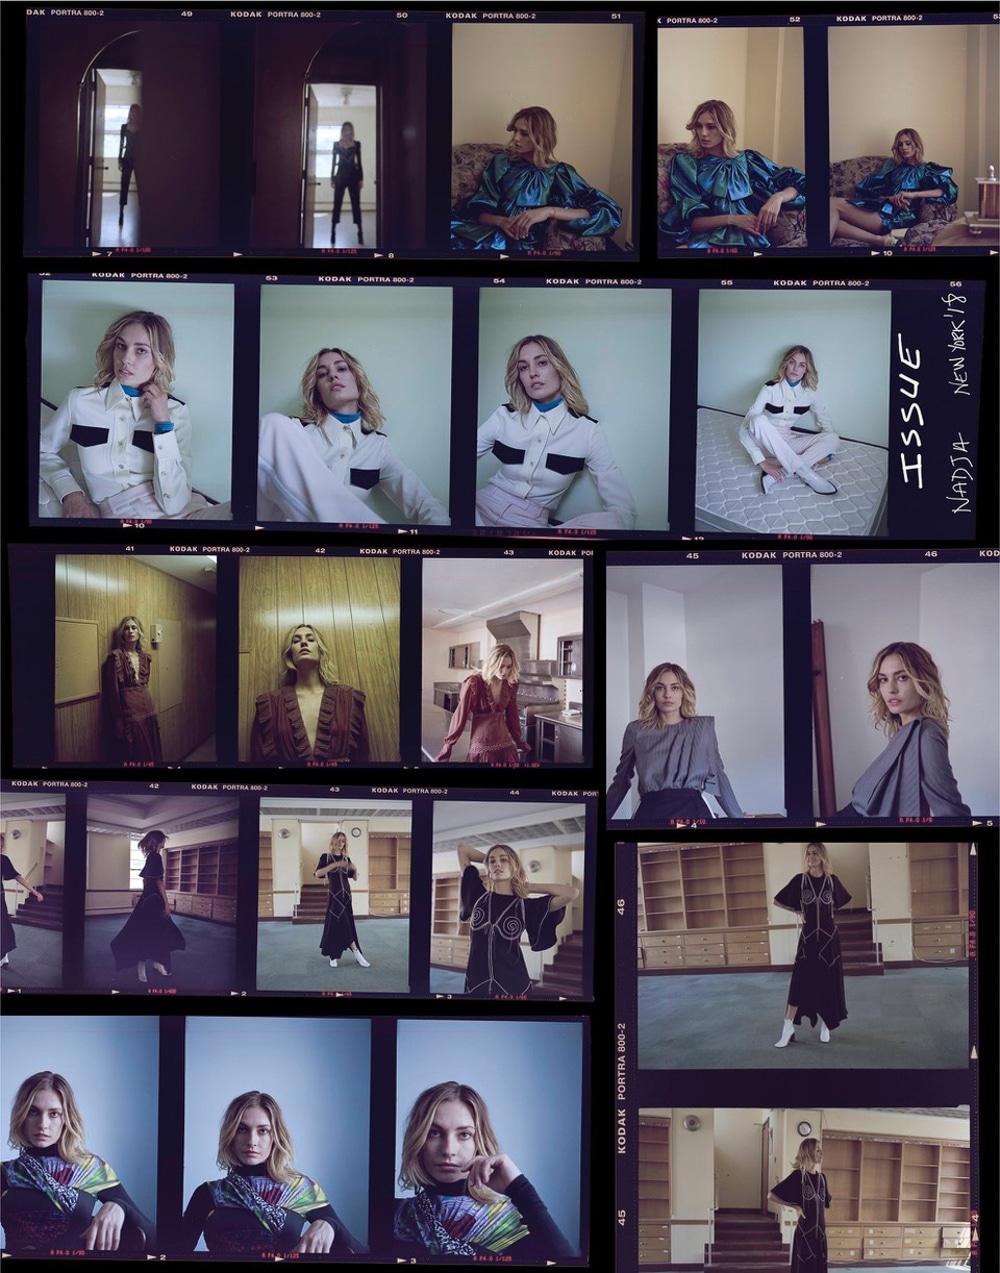 Nadja-Bender-Issue-Magazine-Juankr-6.jpg